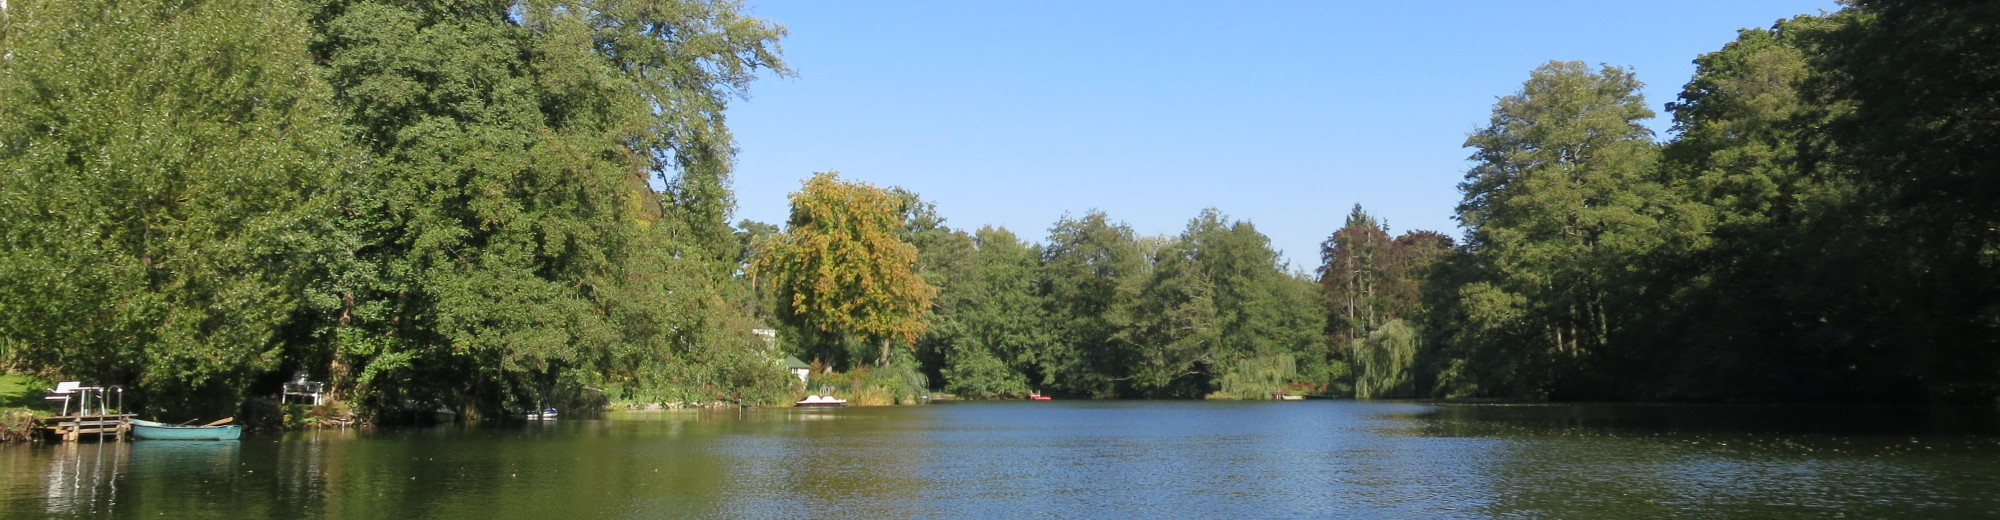 Umweltschutz und Landschaftspflege für den Waldsee in Berlin-Zehlendorf e.V.